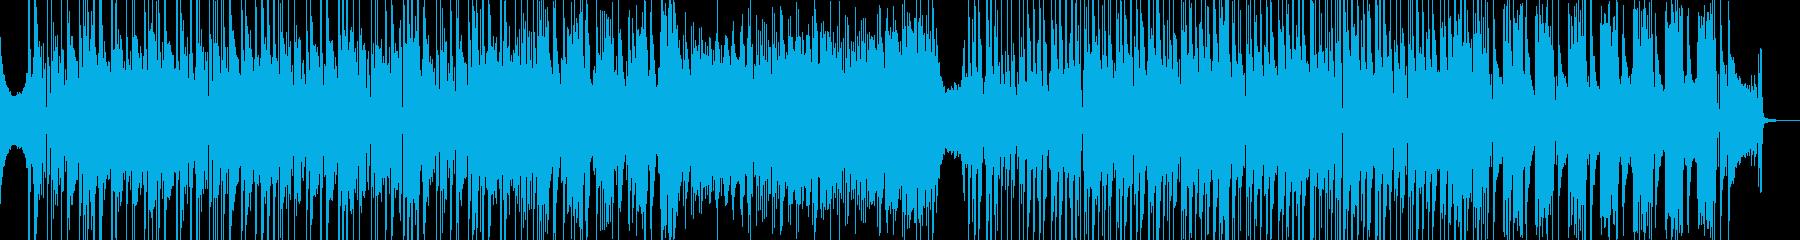 後半から高速・オシャレなビート感 短尺★の再生済みの波形